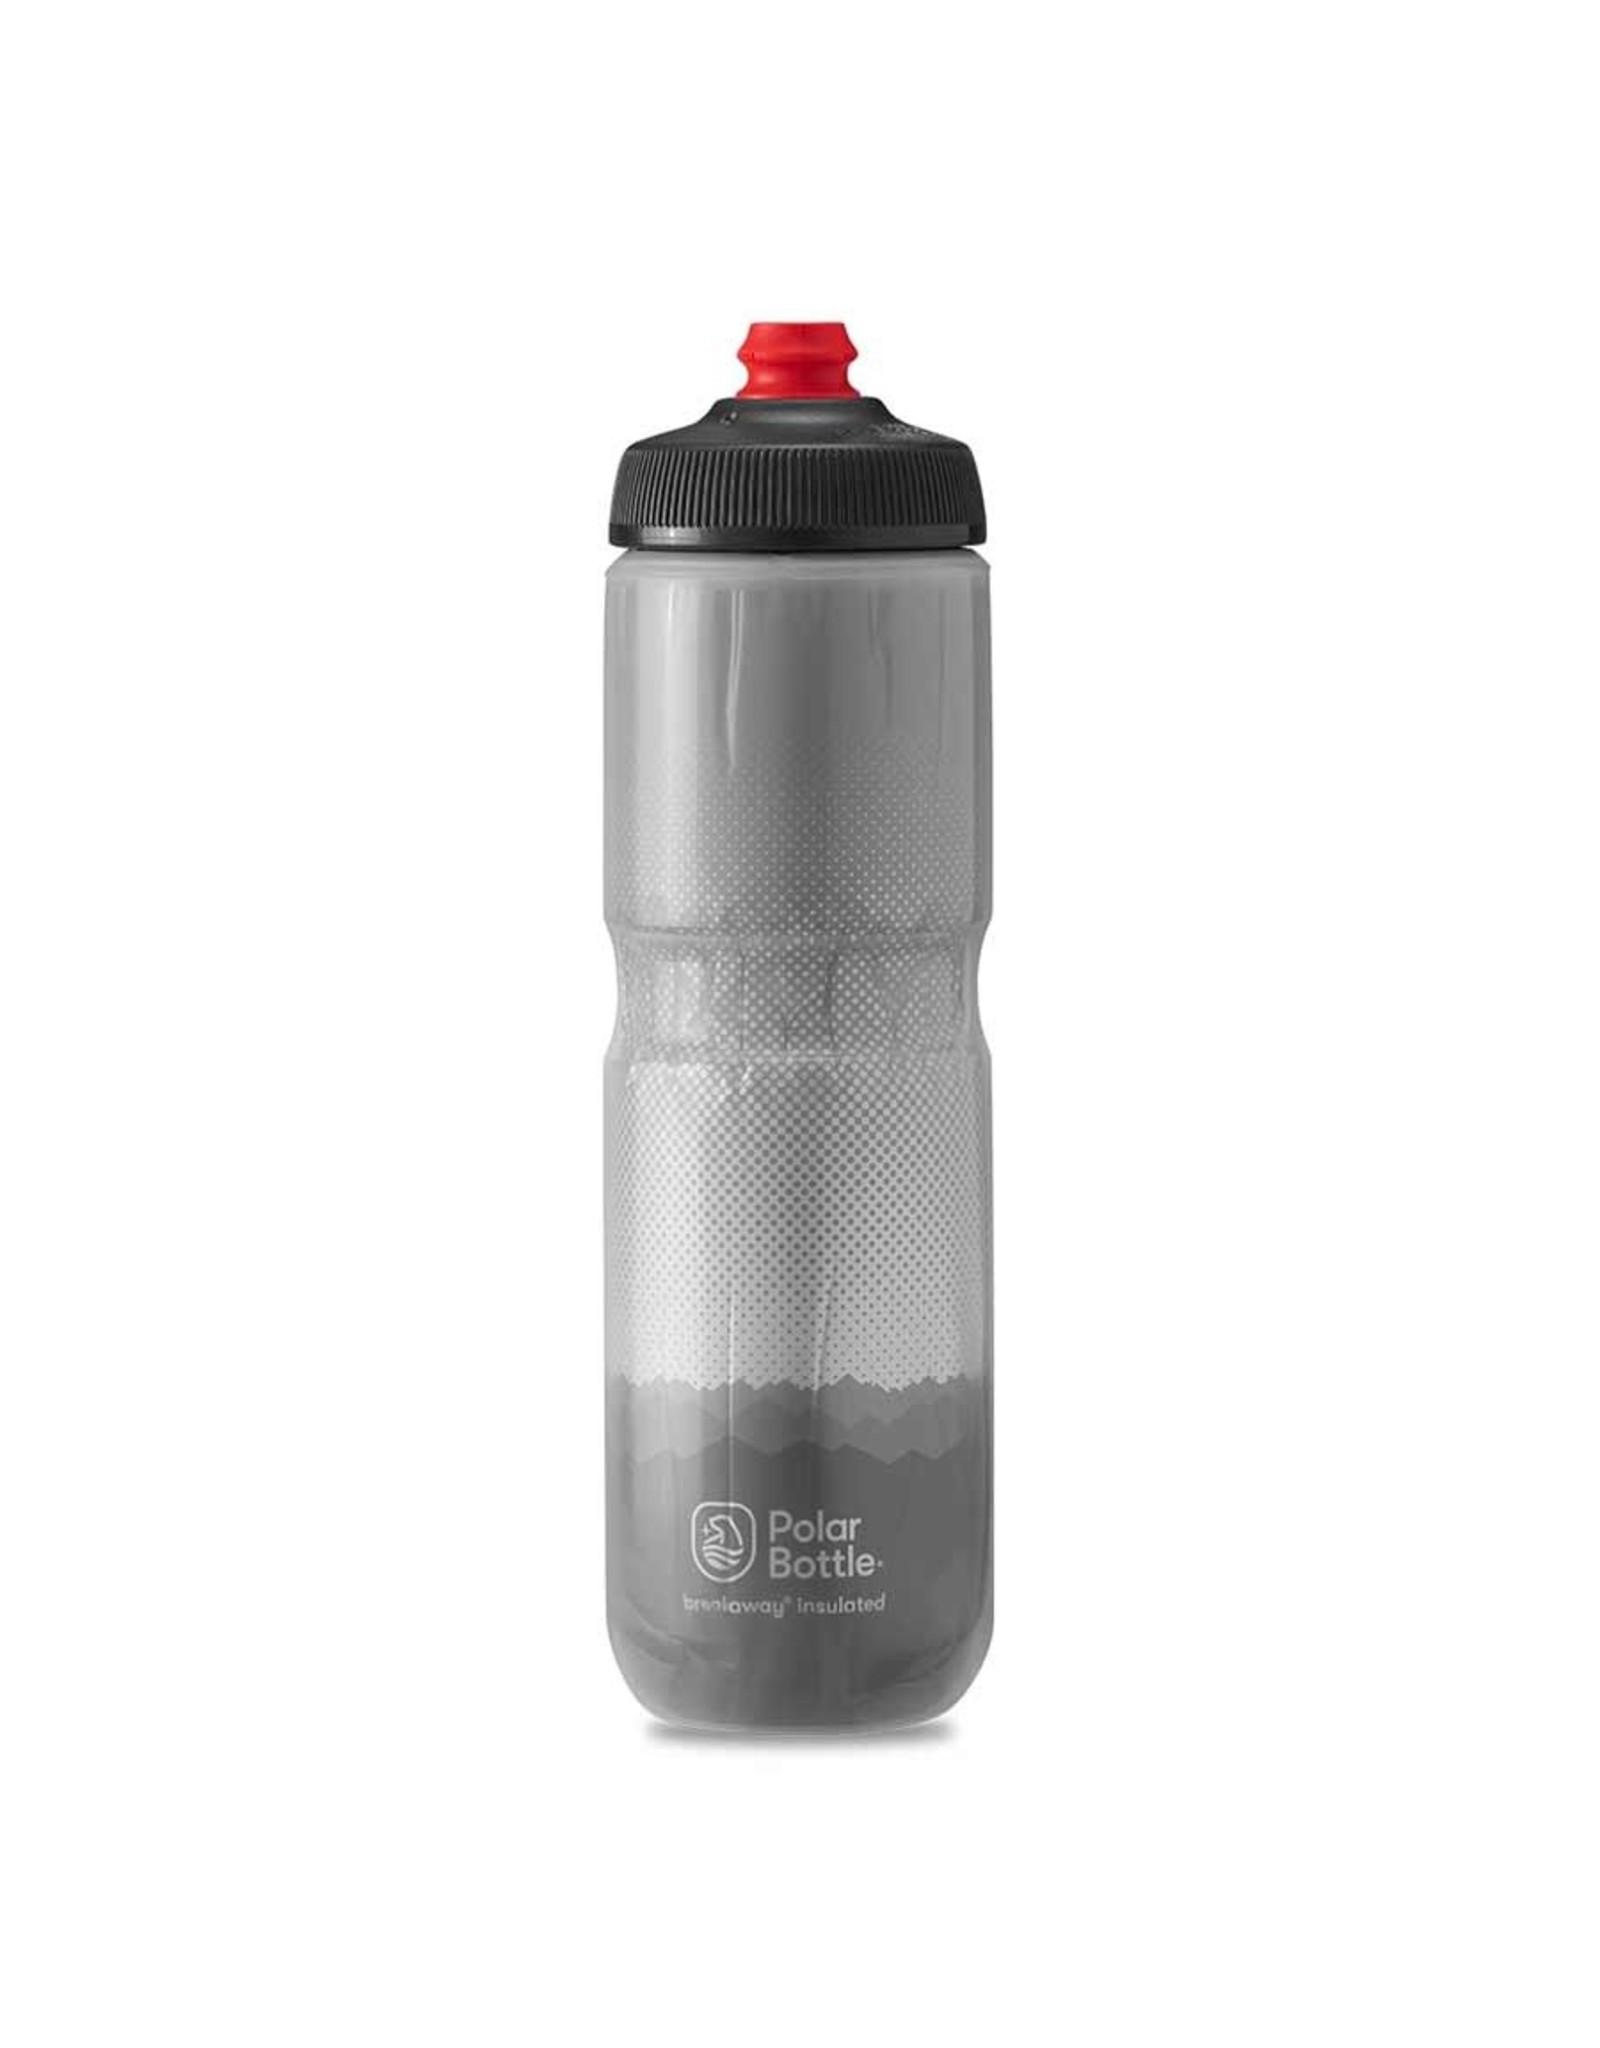 Polar Bottle Breakaway Insulated 24oz